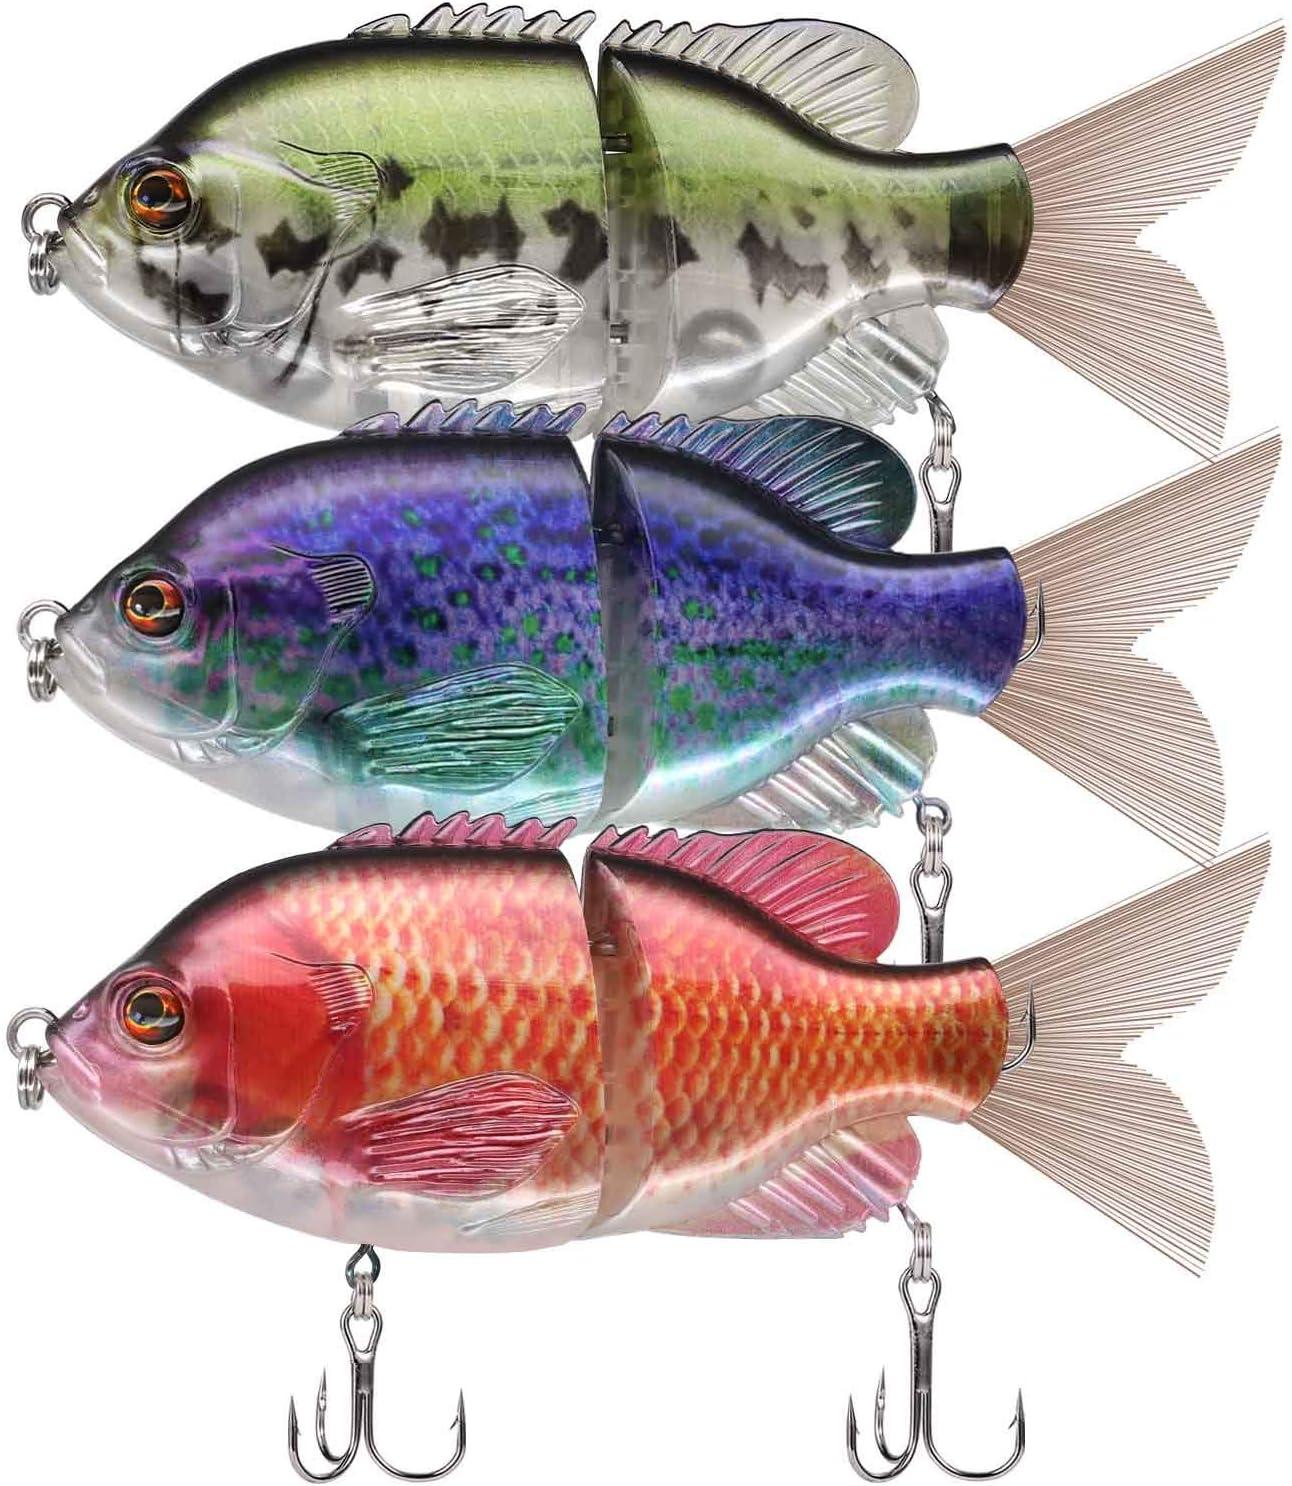 Piombi da Pesca per Acqua Dolce e Mare Regalo Pesca per Uomo Giappone formular Esche Siliconiche da Pesca per Trota Seppie Spigola Luccio TRUSCEND Esche Artificiali Jig Ami BKK Ultra Affilati